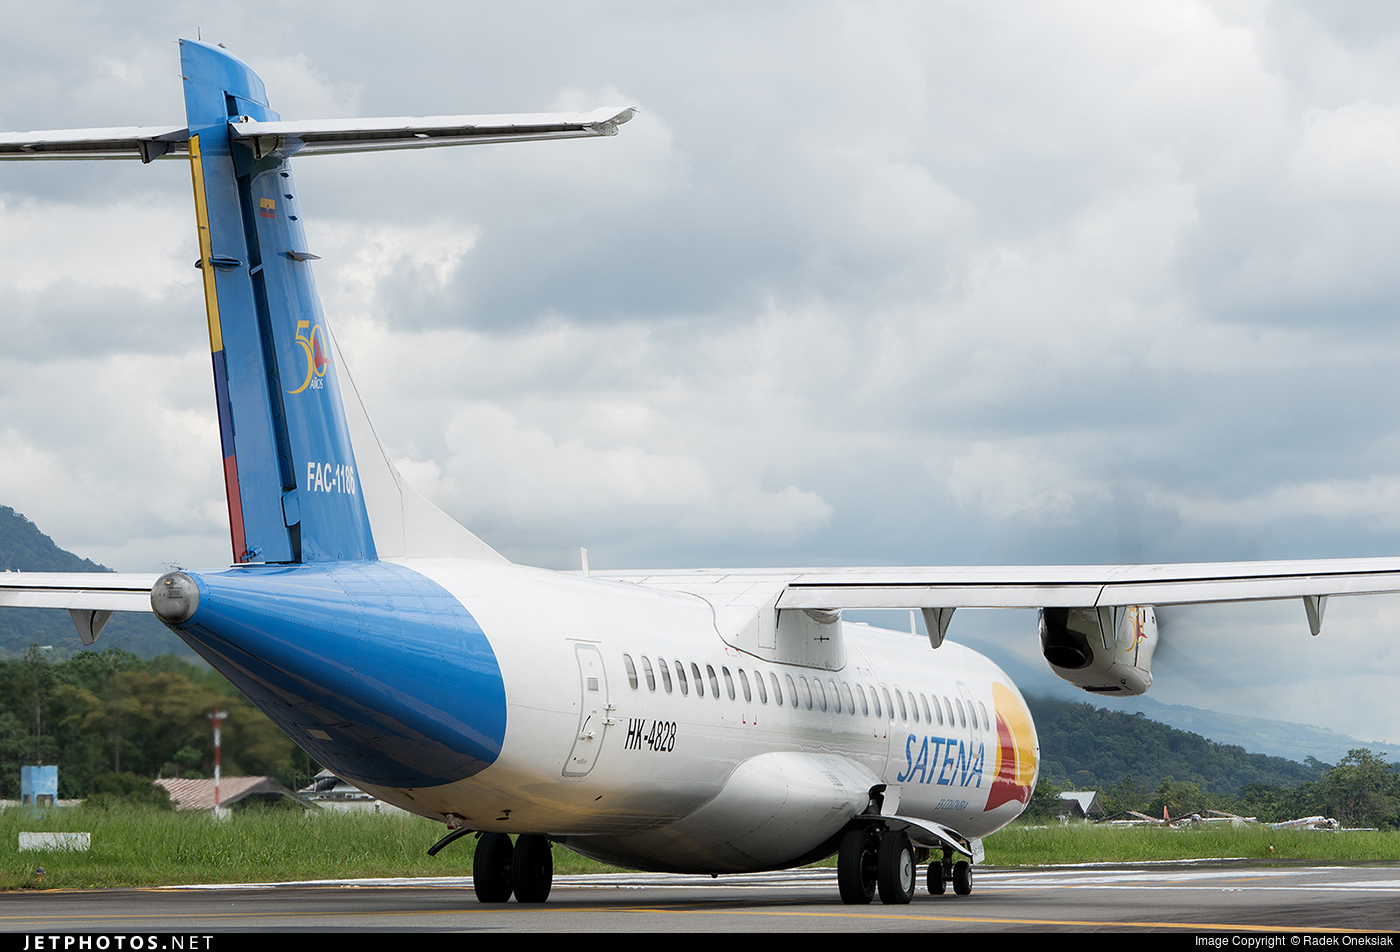 HK-4828 - ATR 72-212A(500) - Satena